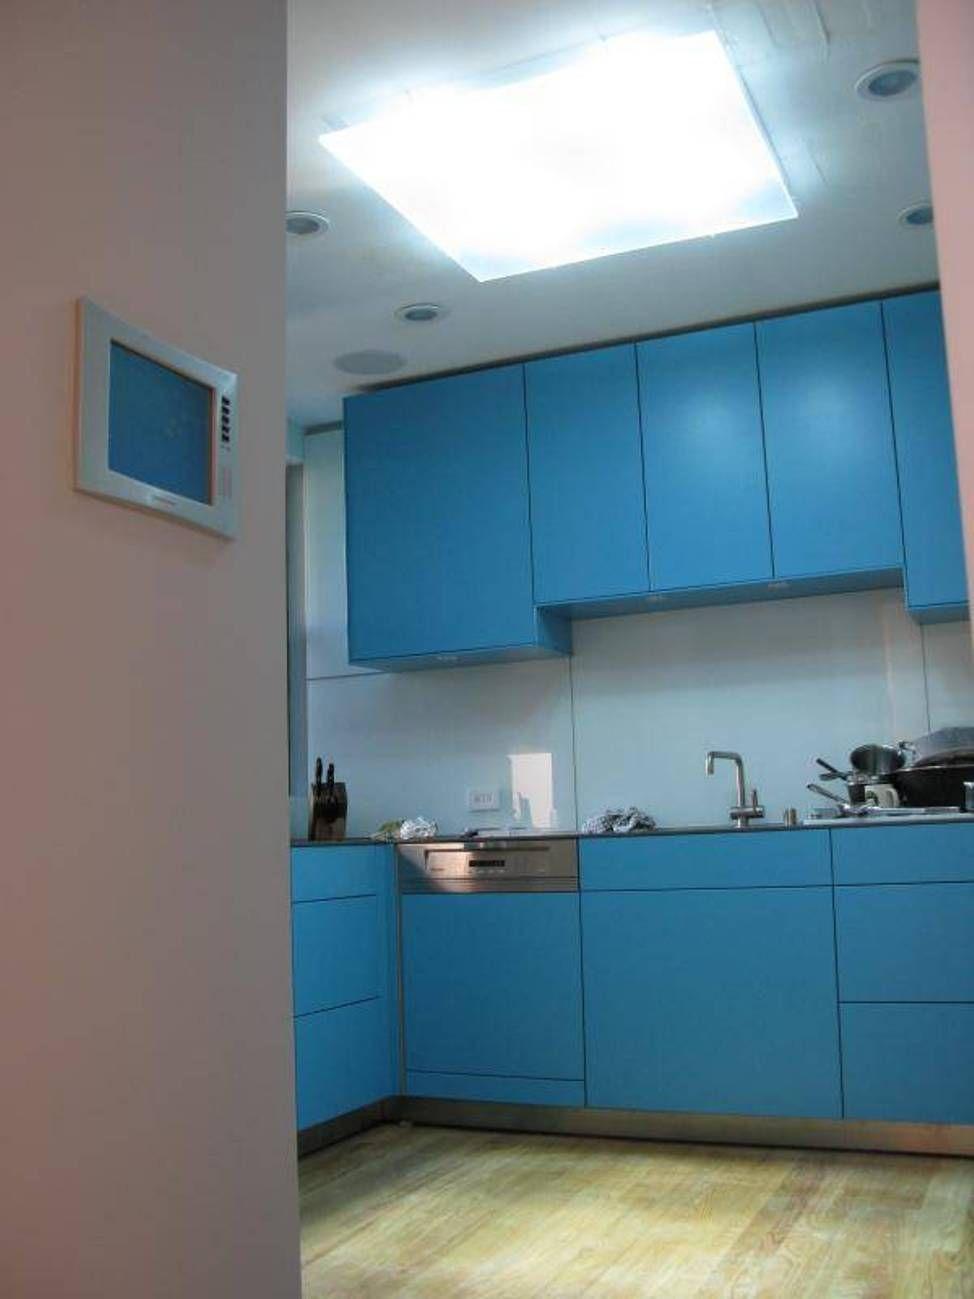 Lighting Fixtures Solar Indoor House Lights Kitchen Fiber Optic